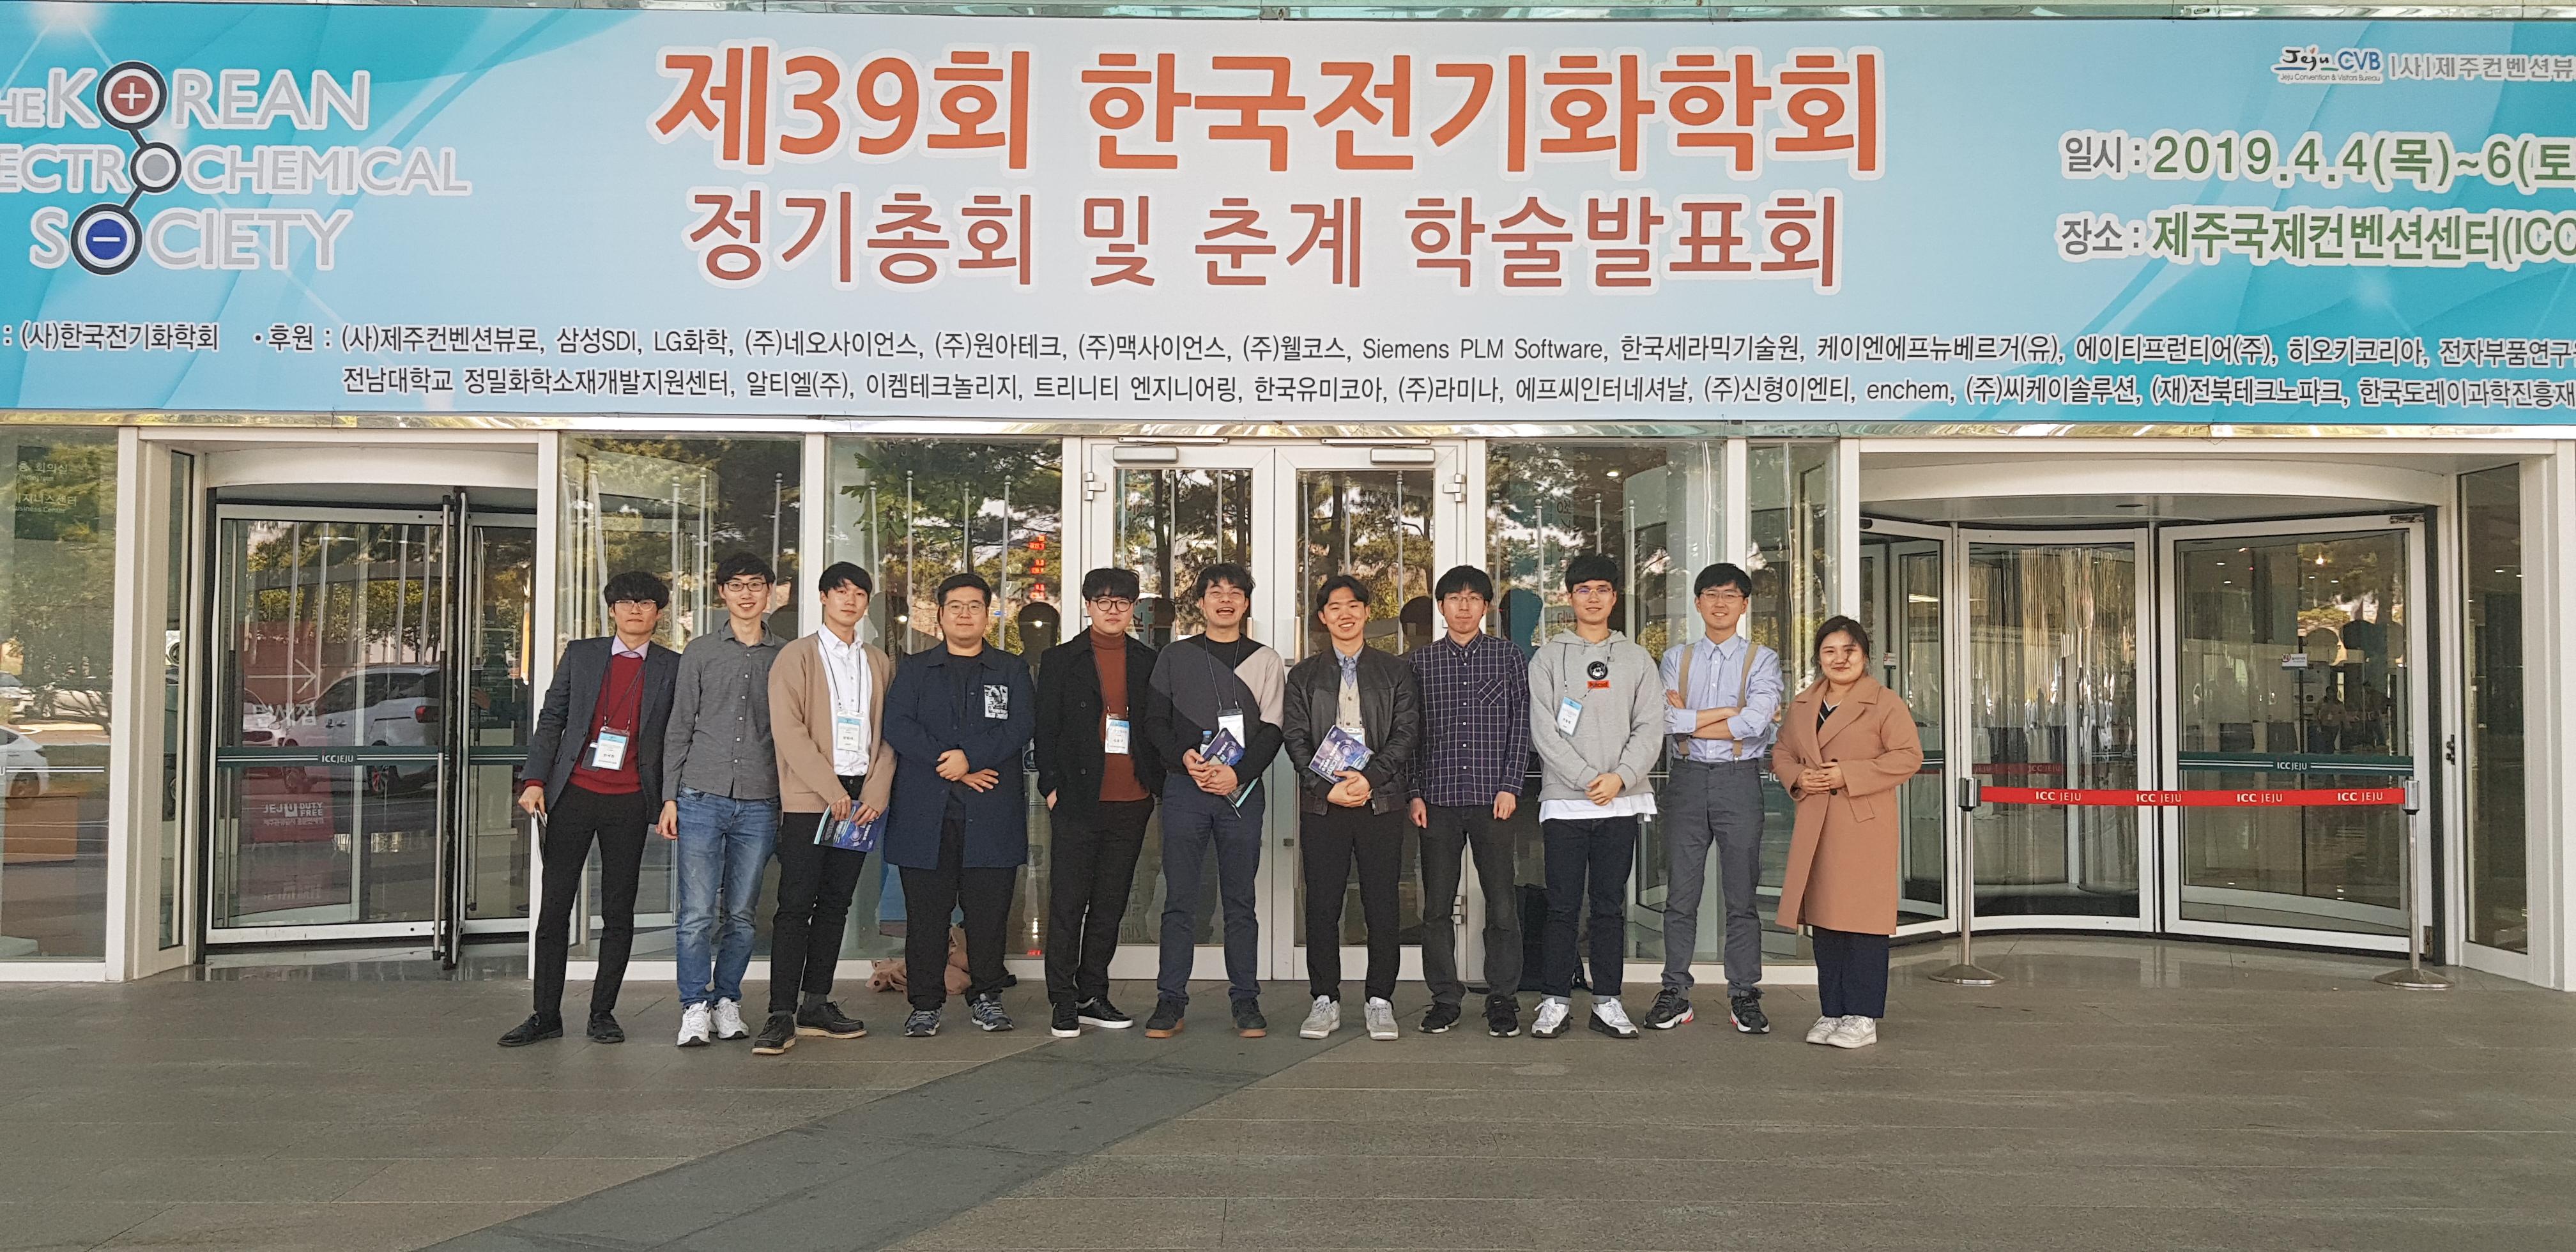 2019 춘계 전기화학회